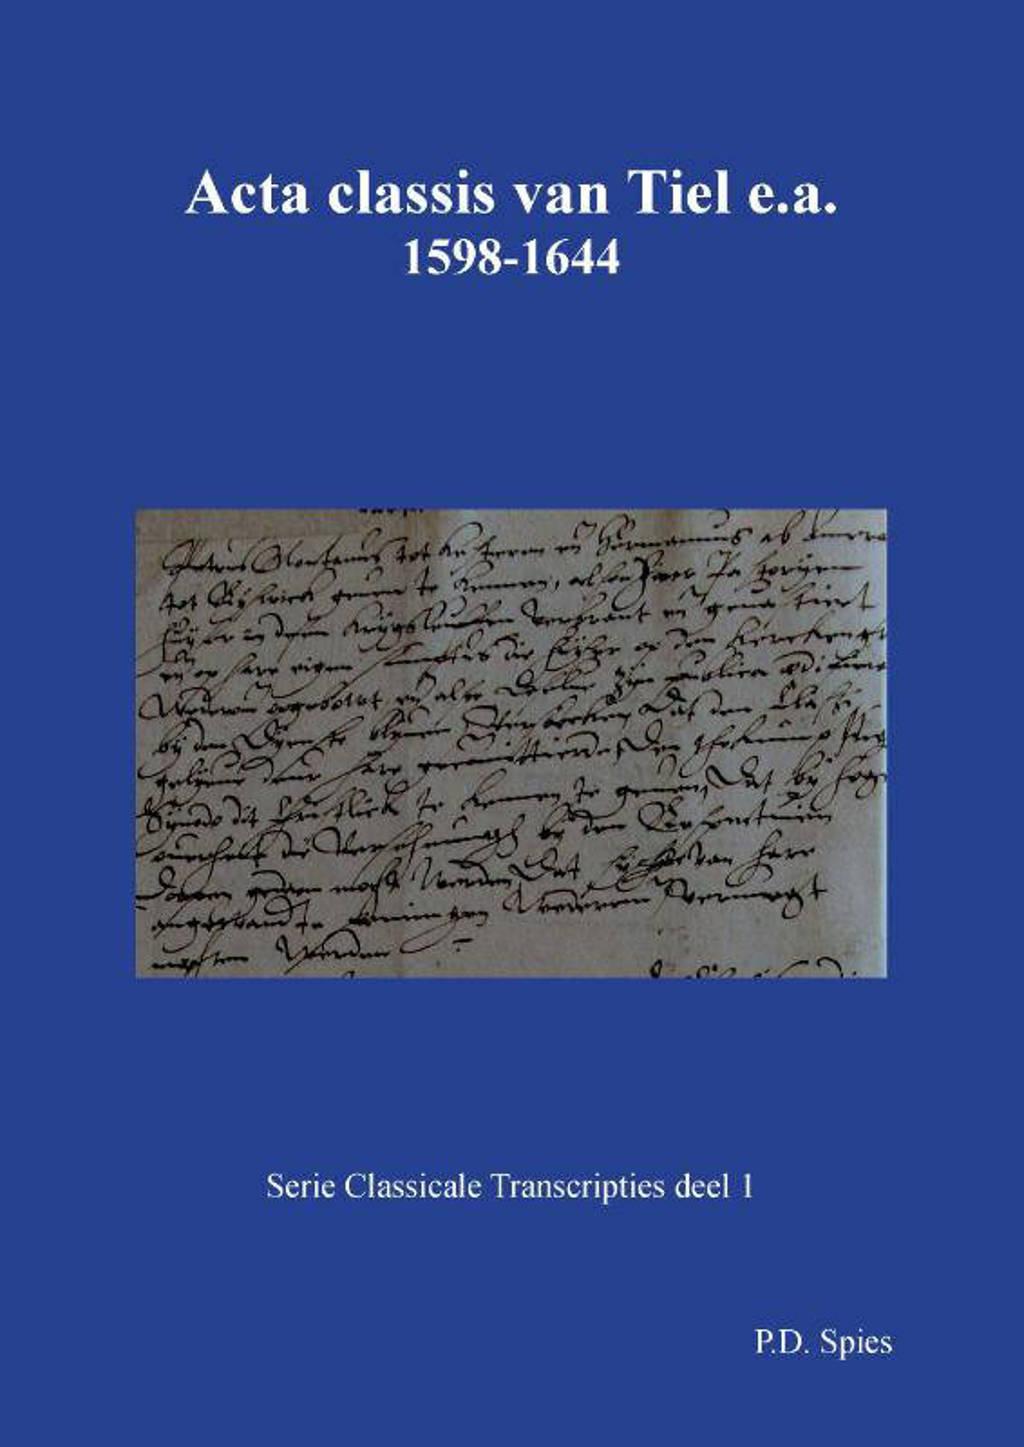 Serie Classicale Transcripties: Acta classis van Tiel e.a. 1598-1644 - P.D. Spies